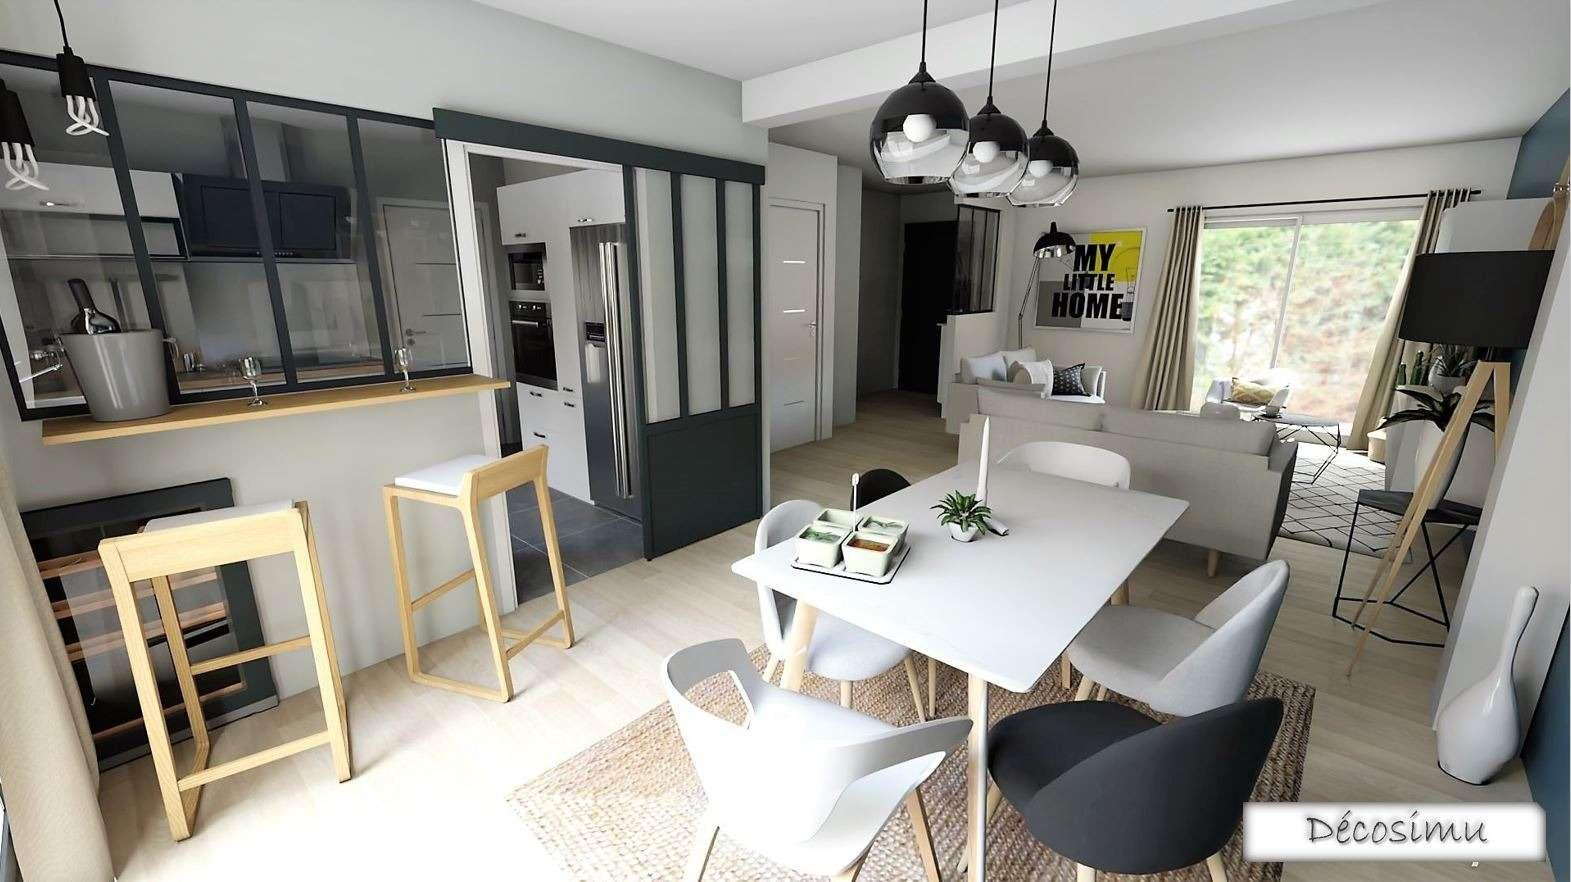 Réalisation d'un projet 3D pour la construction et l'aménagememt d'une maison contemporaine et scandinave